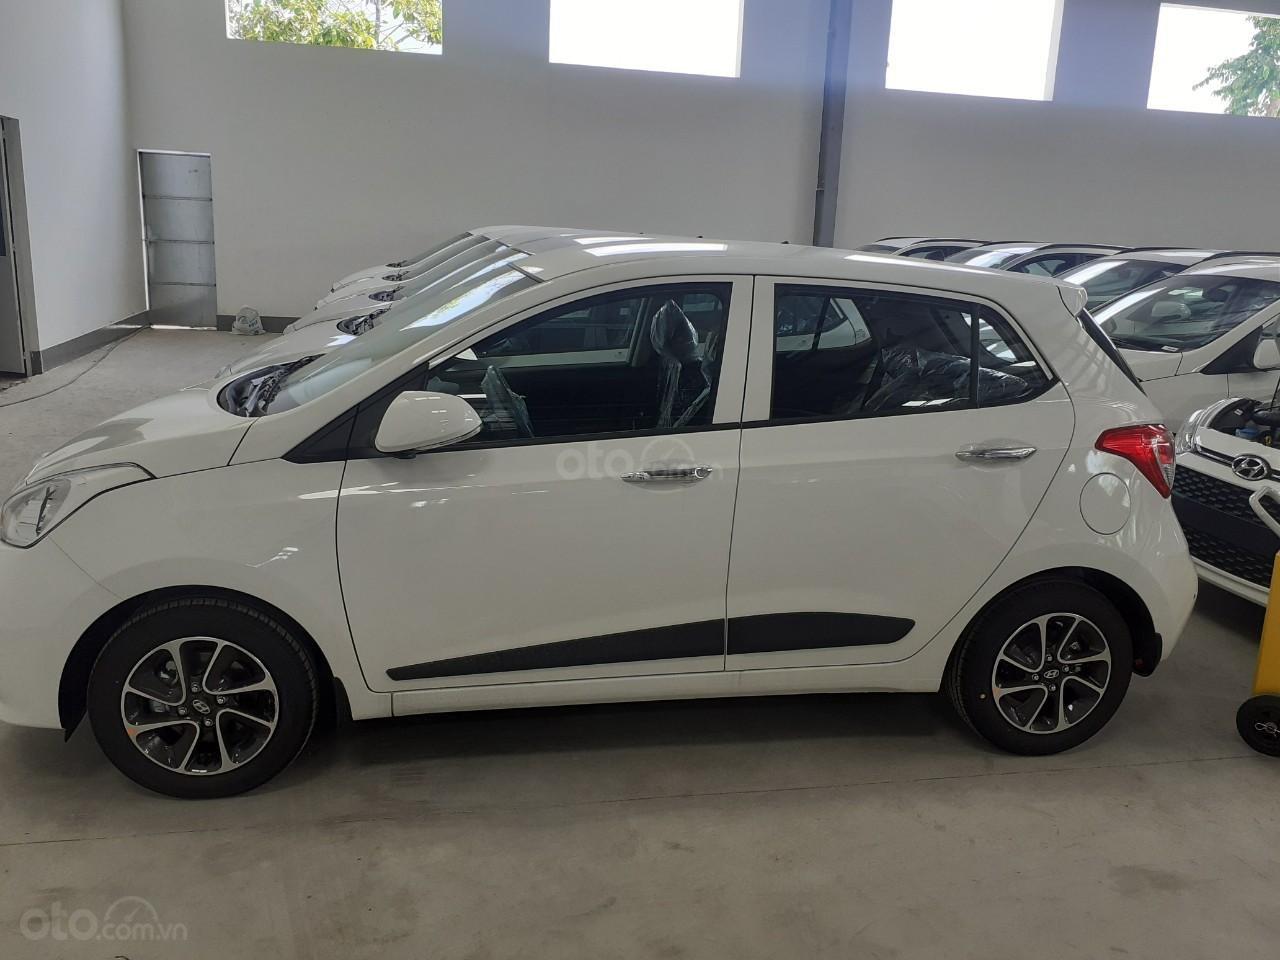 Bán xe Hyundai MT full 2019 giá 360 triệu, cơ hội trúng 100 triệu khi mua xe, xe mới 100% (6)